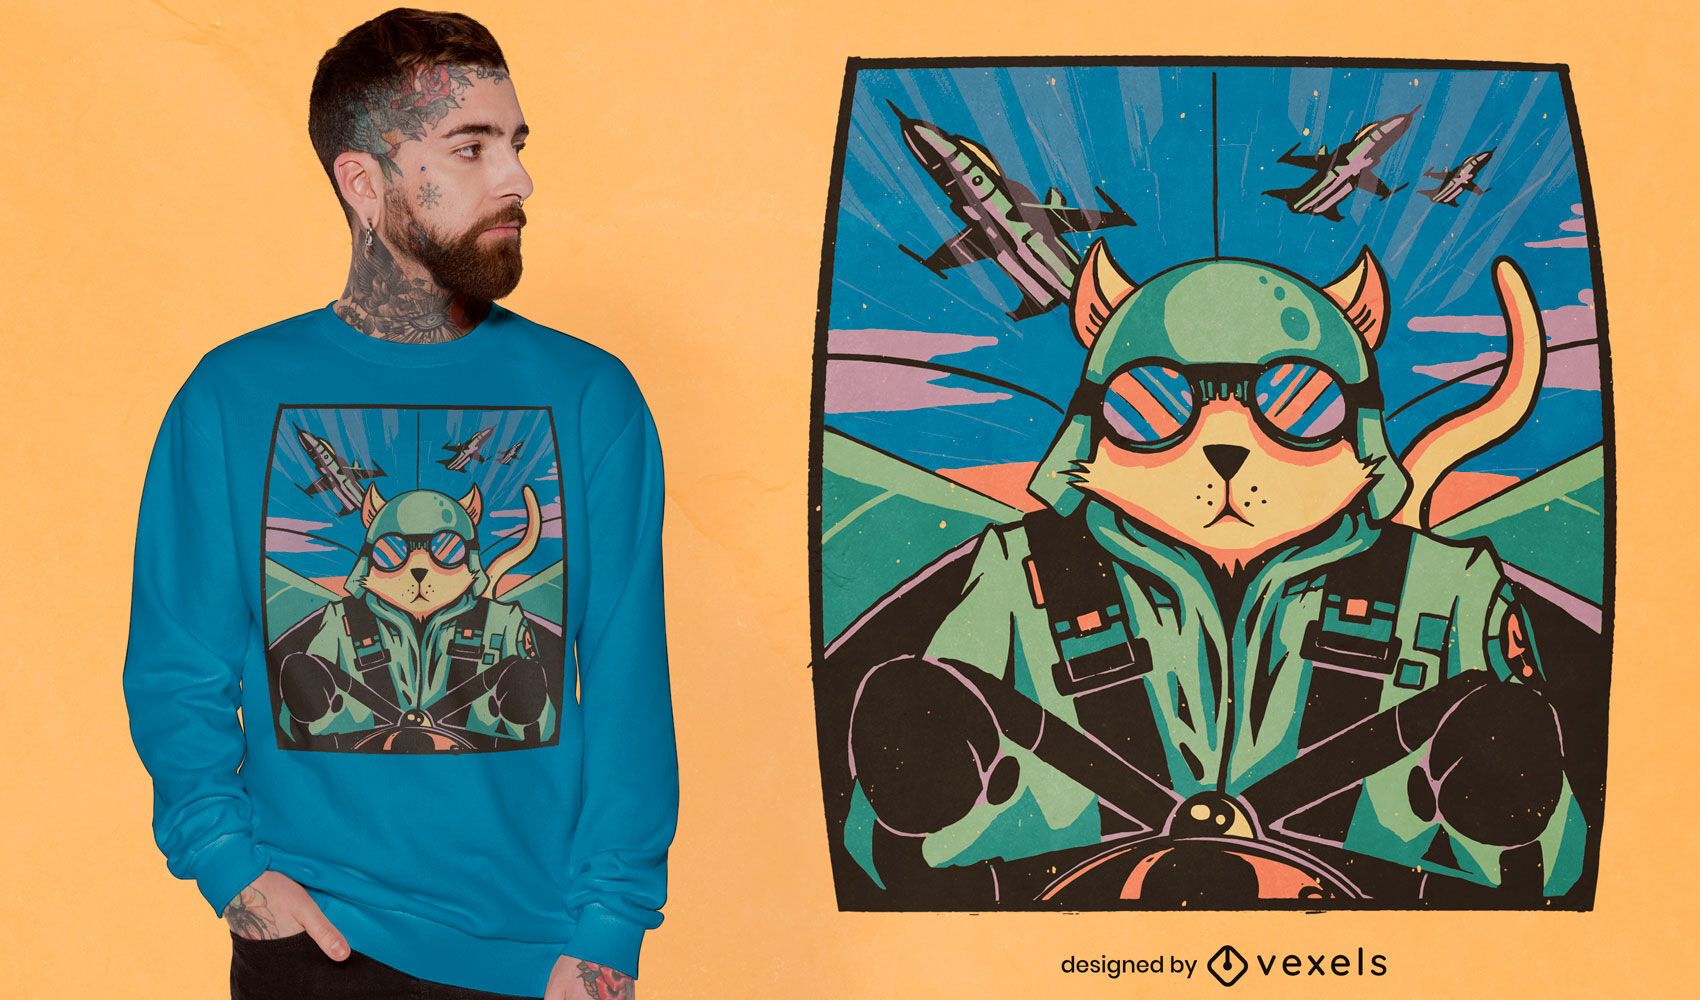 Dise?o de camiseta de piloto de gato.